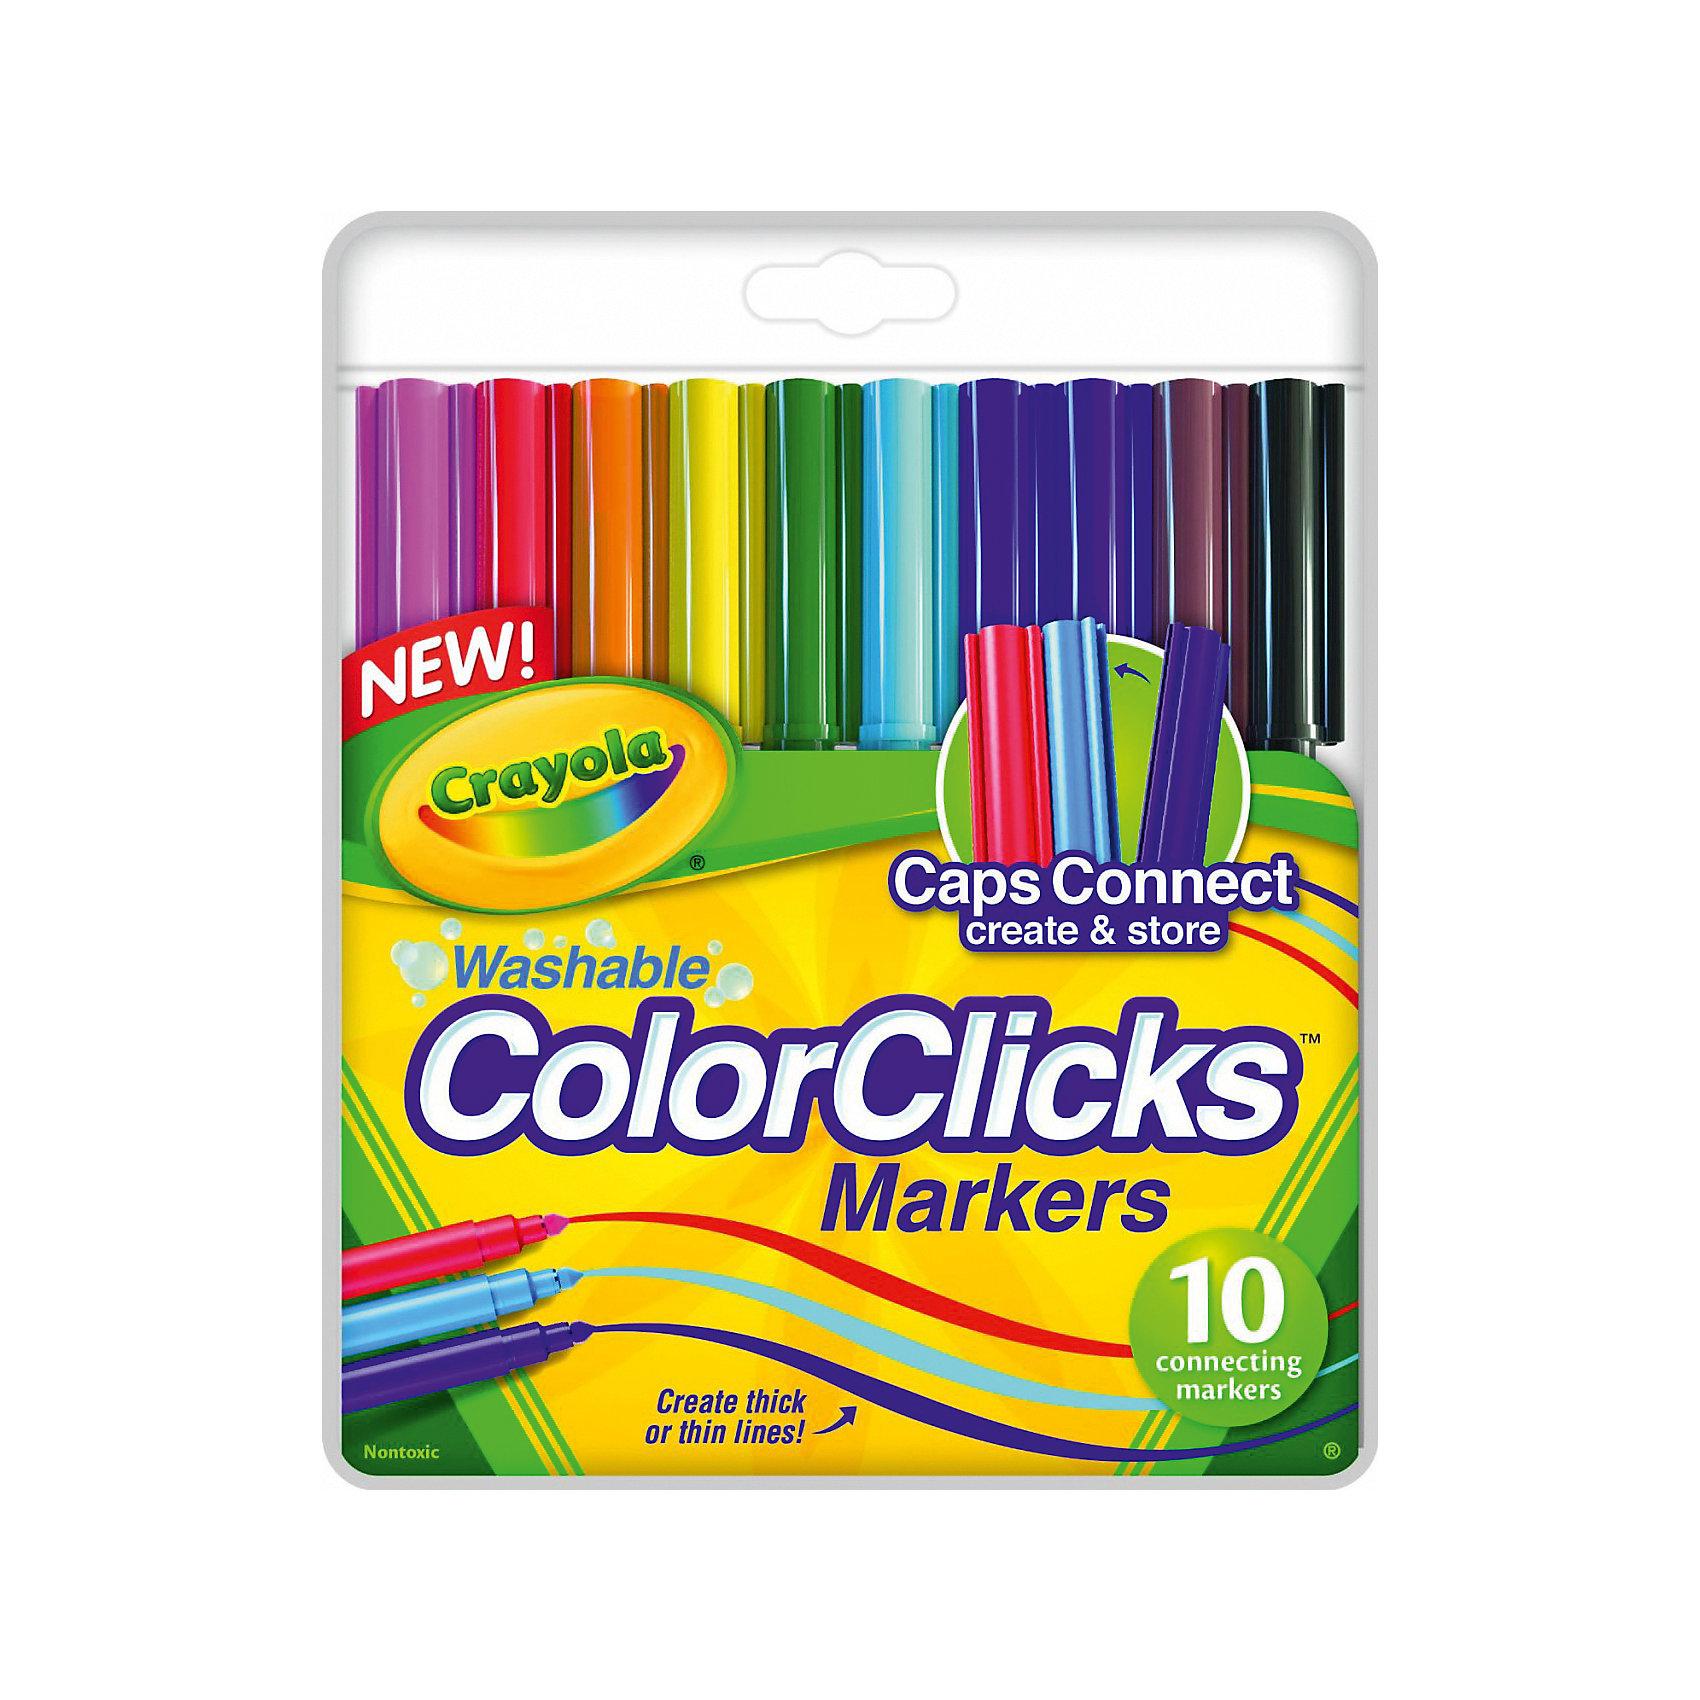 10 соединяющихся фломастеровФломастеры и маркеры<br>Разноцветные фломастеры Crayola помогут в создании собственного волшебного мира на бумаге и смогут воплотить детские творческие фантазии. Их удобно держать в руке, они хорошо ложатся на бумажную поверхность и рисуют тонкими линиями, позволяя сделать изображение реалистичным и аккуратным. <br><br>В наборе 10 роскошных цветов и оттенков: все цвета радуги, а также черный, темно-коричневый и розовый фломастеры. Особенность этого набора для юного художника состоит в том, что колпачки фломастеров могут соединяться друг с другом, образуя надежный крепеж. Таким образом, если малыш возьмет фломастеры с собой на прогулку, в школу или в гости, он не потеряет ни один из пишущих предметов. И сможет создавать рисунки в любом месте!<br><br>Материалы, из которого сделаны фломастеры, качественны и безопасны для детей.<br><br>10 соединяющихся фломастеров можно купить в нашем магазине.<br><br>Ширина мм: 215<br>Глубина мм: 150<br>Высота мм: 80<br>Вес г: 108<br>Возраст от месяцев: 72<br>Возраст до месяцев: 168<br>Пол: Унисекс<br>Возраст: Детский<br>SKU: 4666934